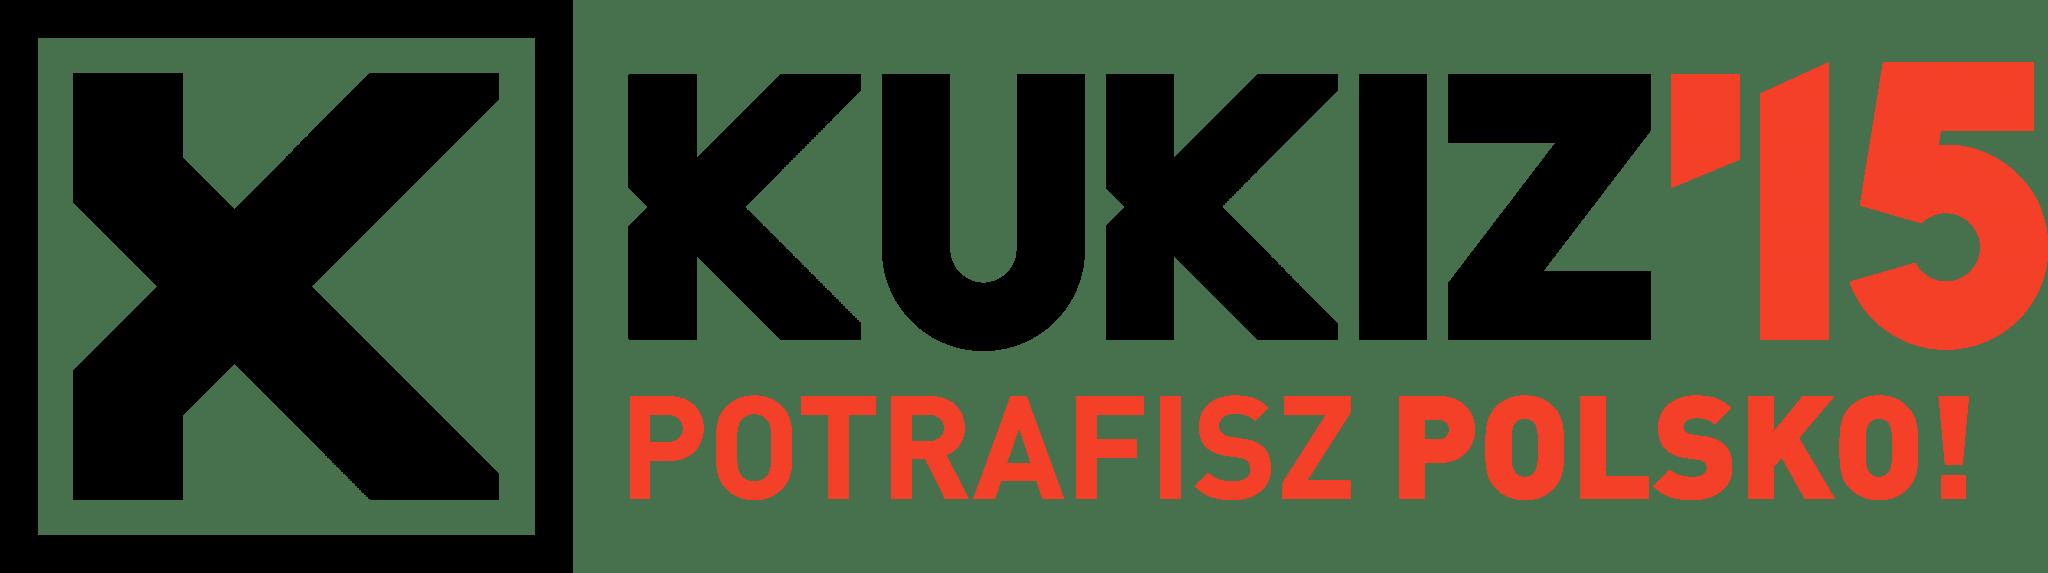 Sprawdzamy sondaże - https://www.sprawdzamysondaze.pl/europarlament-2019/wp-content/uploads/2019/03/loga-kukiz15-czarne-bialo-czerwone-do-pobrania.png